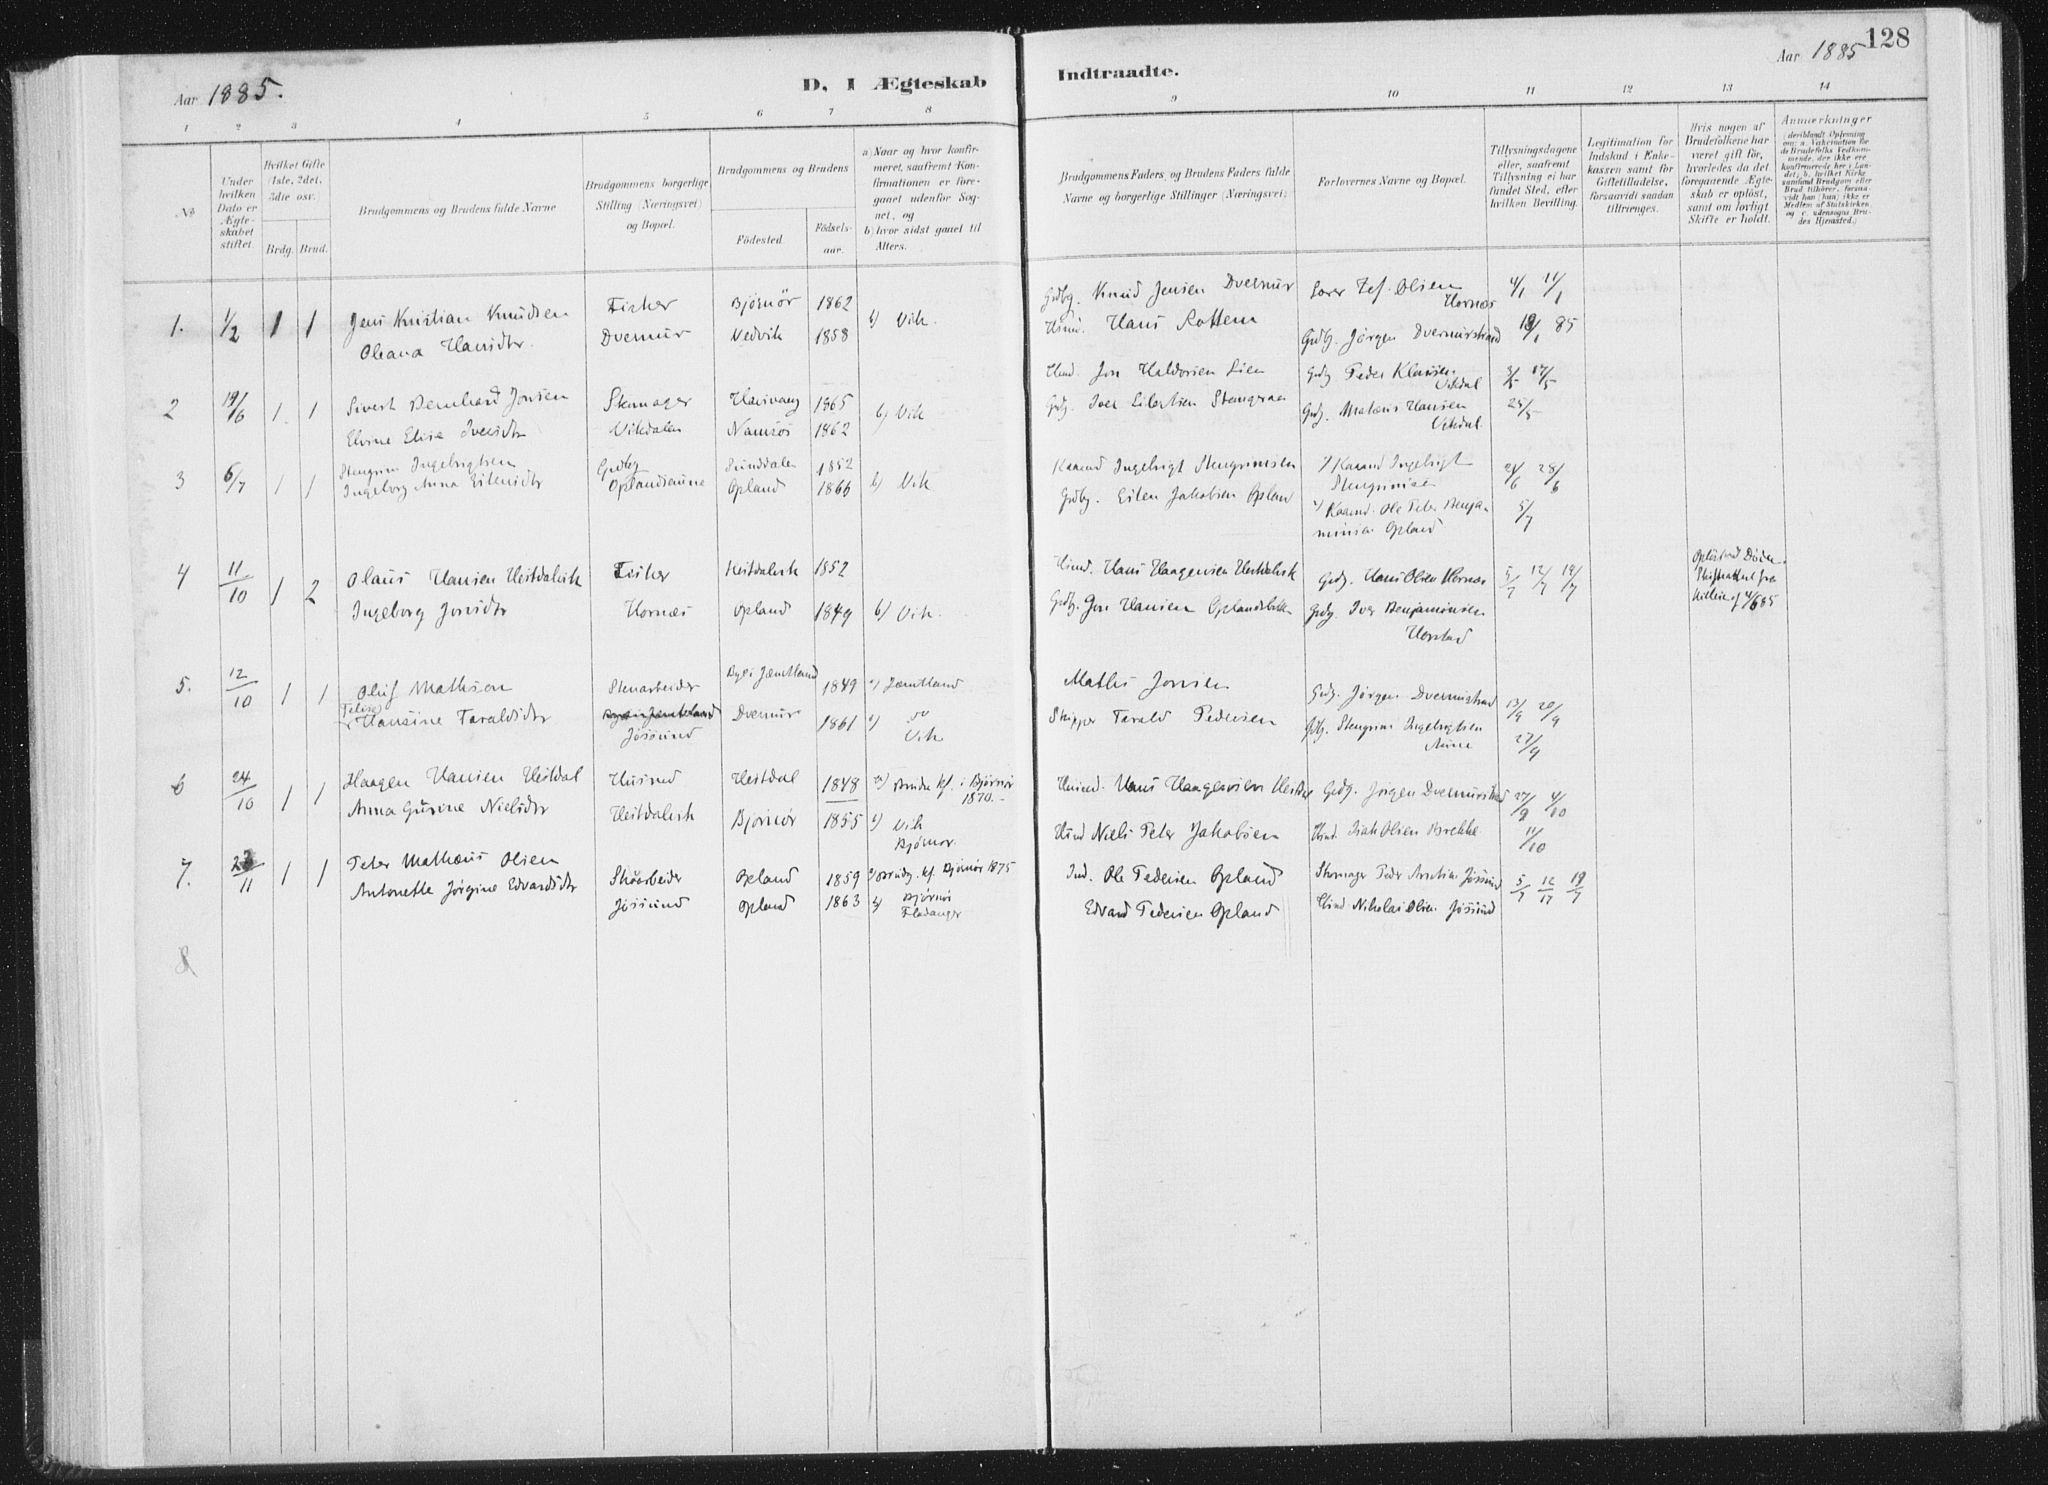 SAT, Ministerialprotokoller, klokkerbøker og fødselsregistre - Nord-Trøndelag, 771/L0597: Ministerialbok nr. 771A04, 1885-1910, s. 128